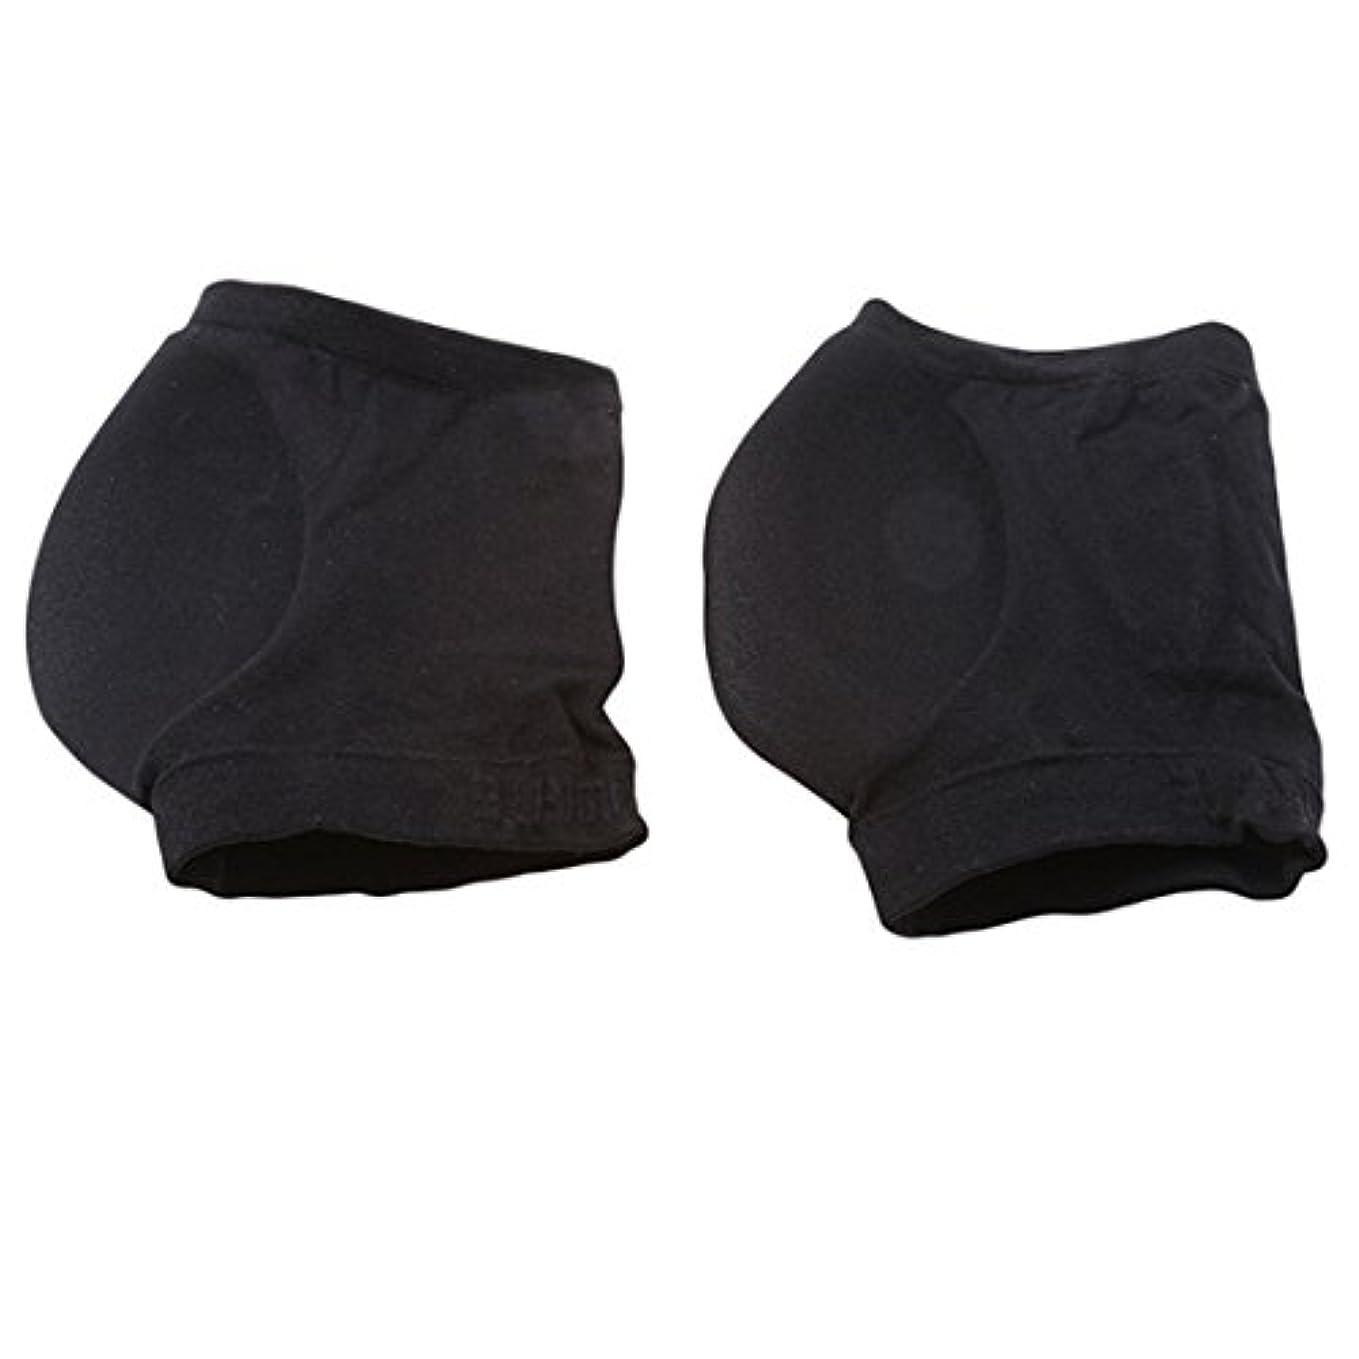 給料勝つホテルKLUMA 靴下 かかと ソックス 角質ケア うるおい 保湿 角質除去 足ケア レディース メンズ